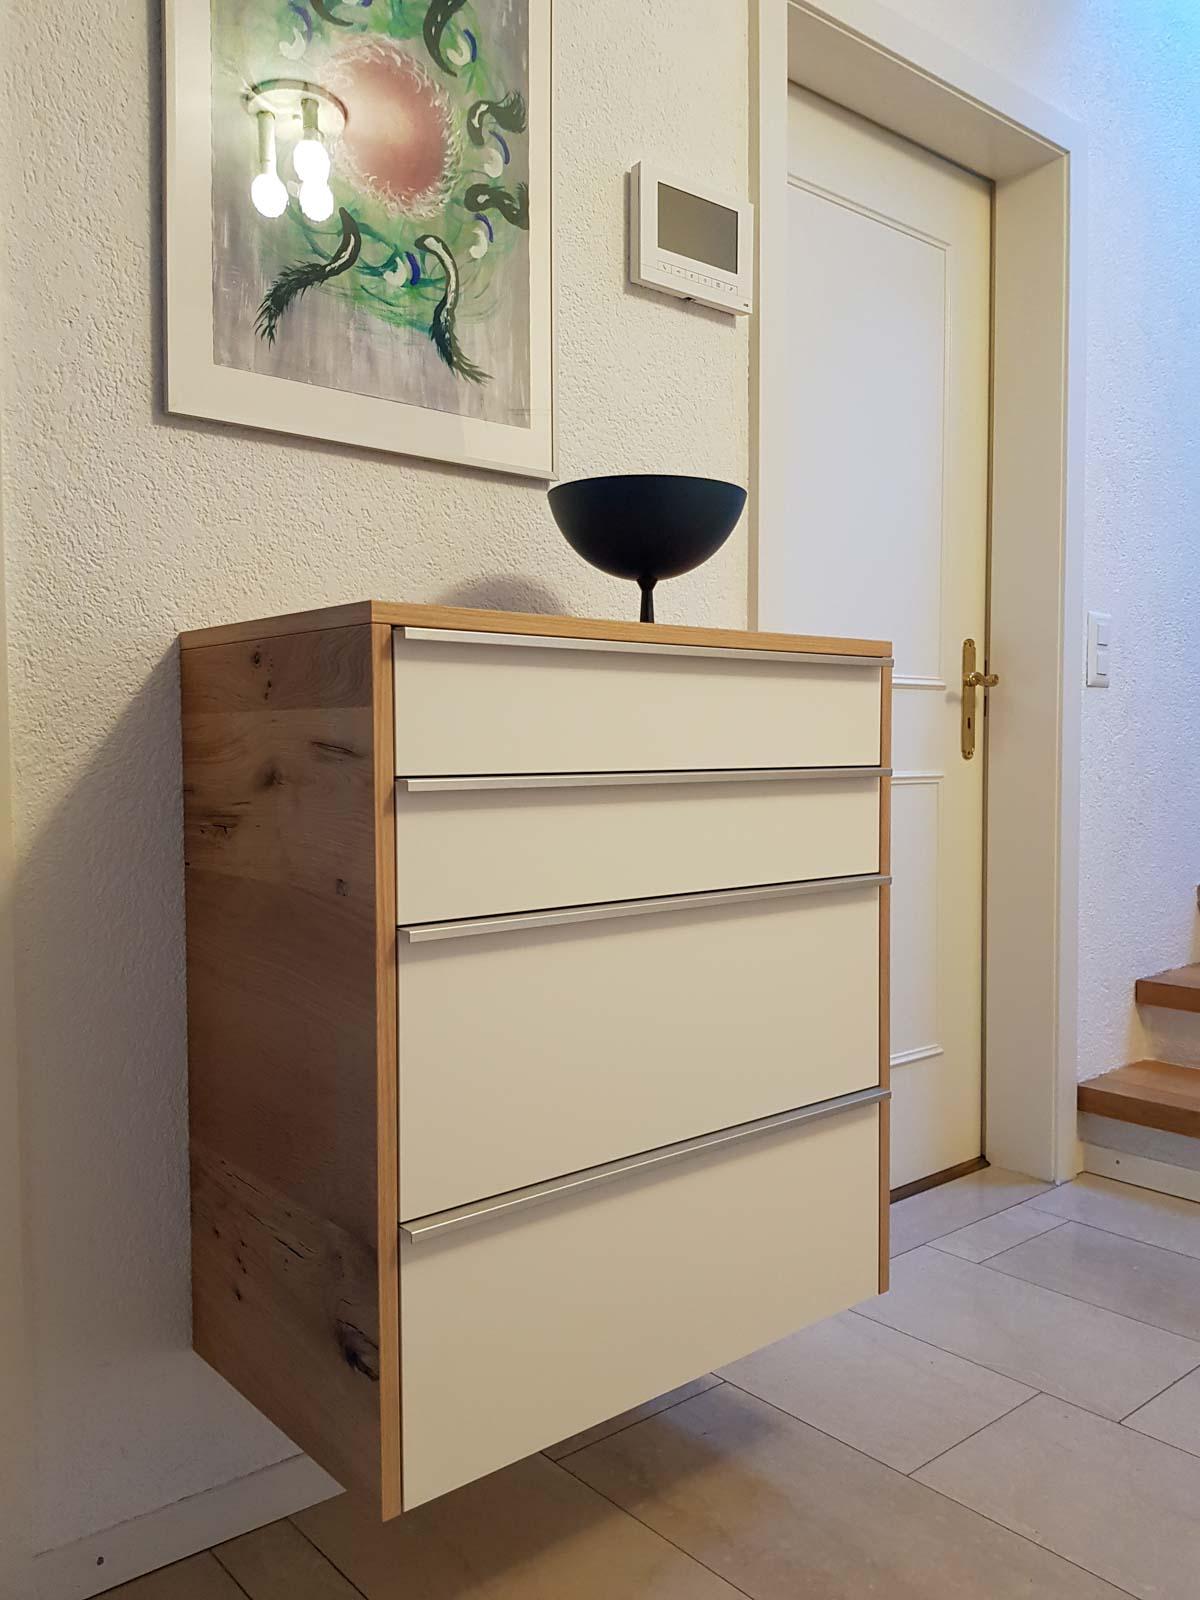 Wooddesign_Wohnzimmermöbel_Fernsehmöbel_ LED-Beleuchtung_Griffleisten_Eiche_Weissjpg (2)